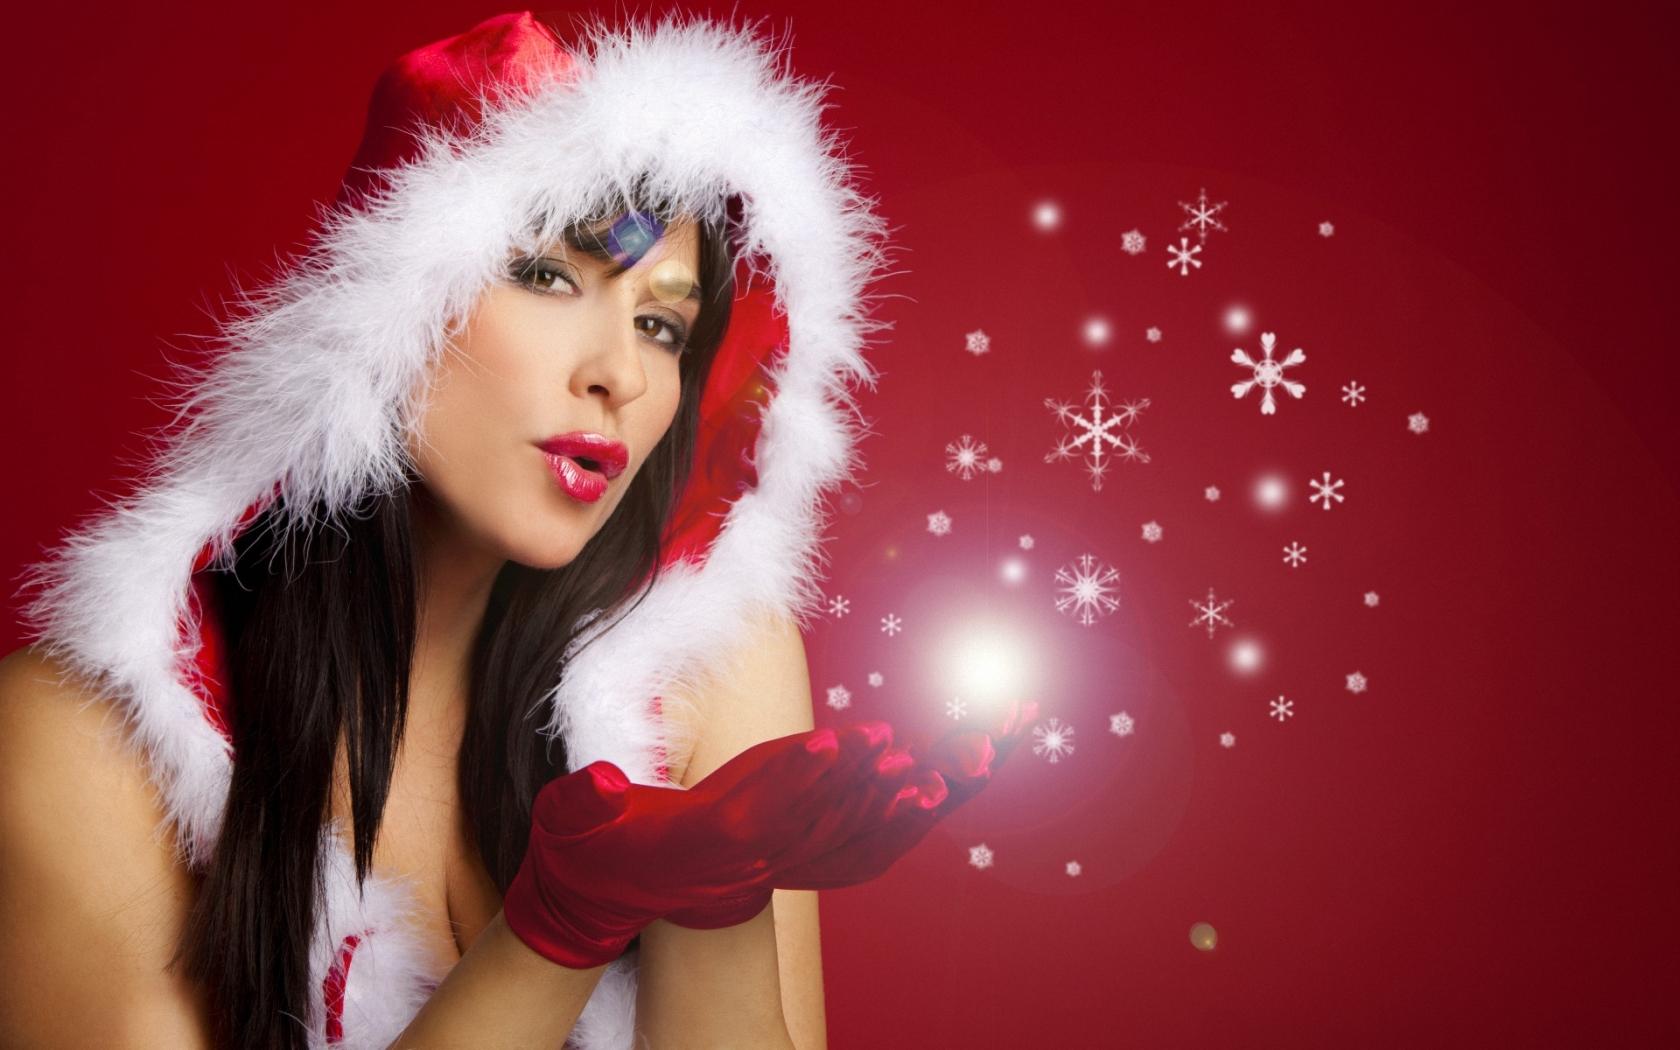 Christmas girls for Hot christmas pics